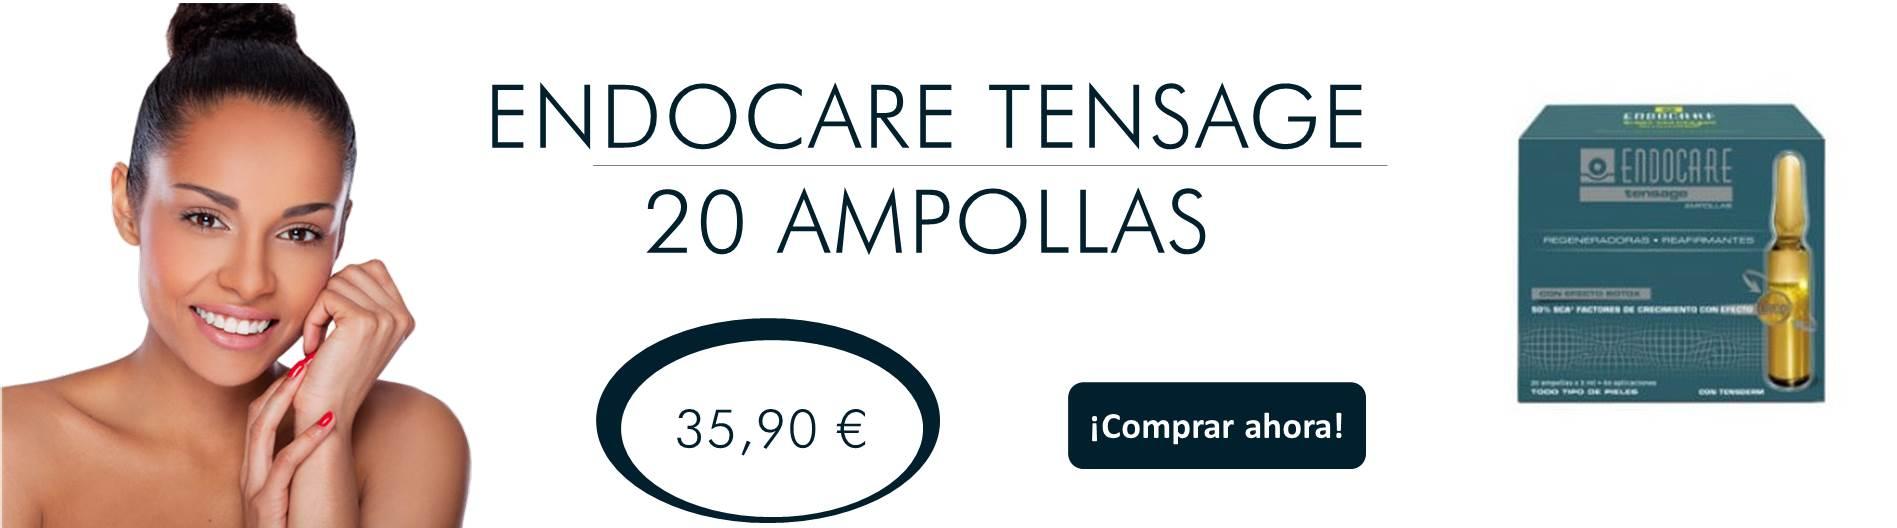 Endocare-Tensage-20-ampollas